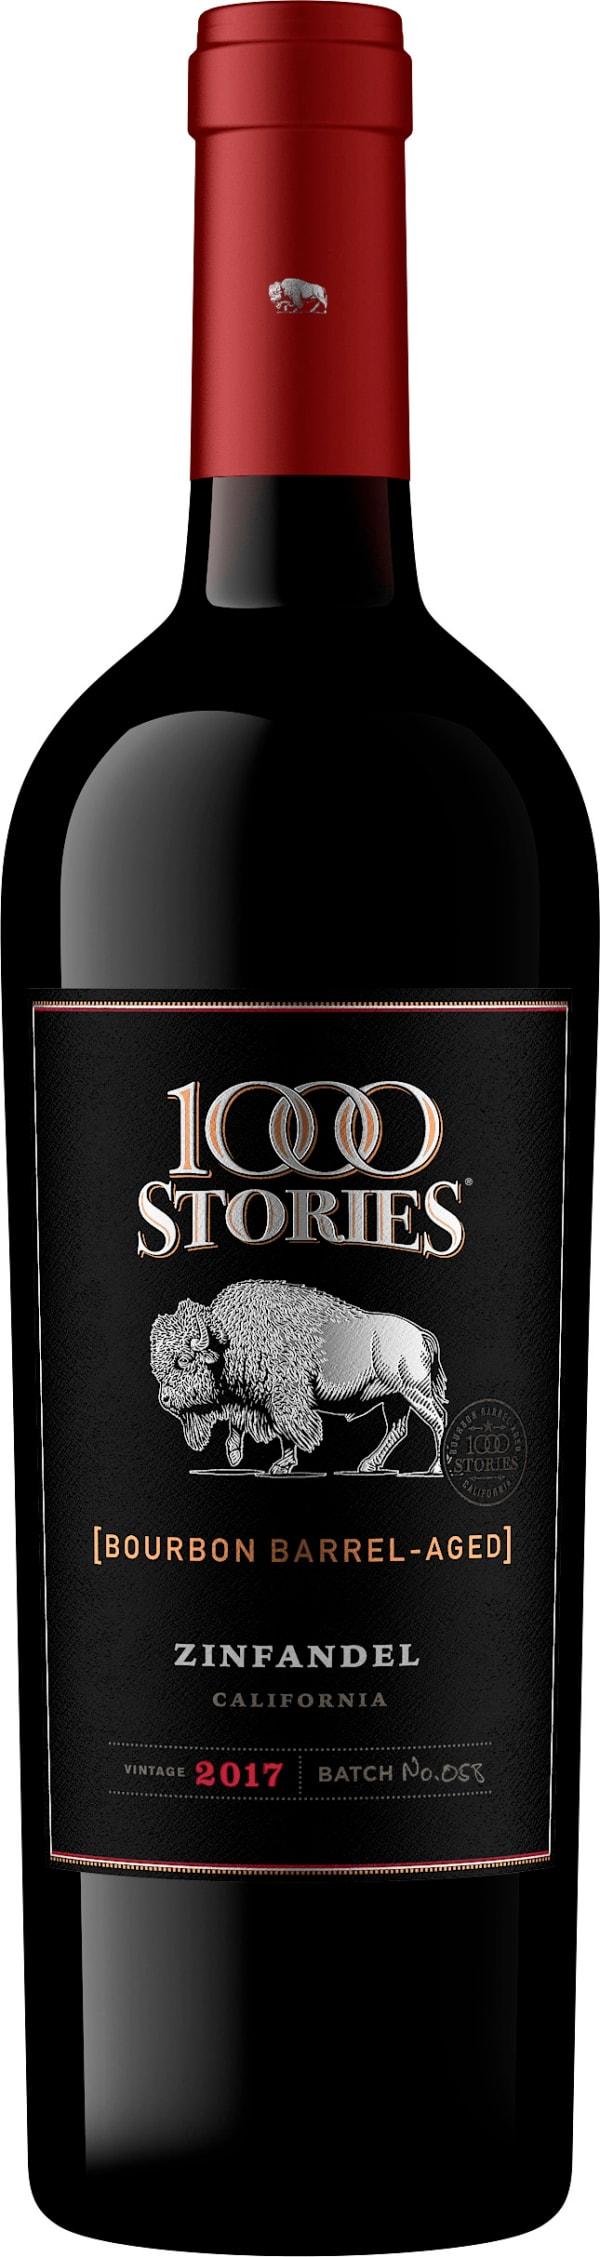 1000 Stories Zinfandel 2017